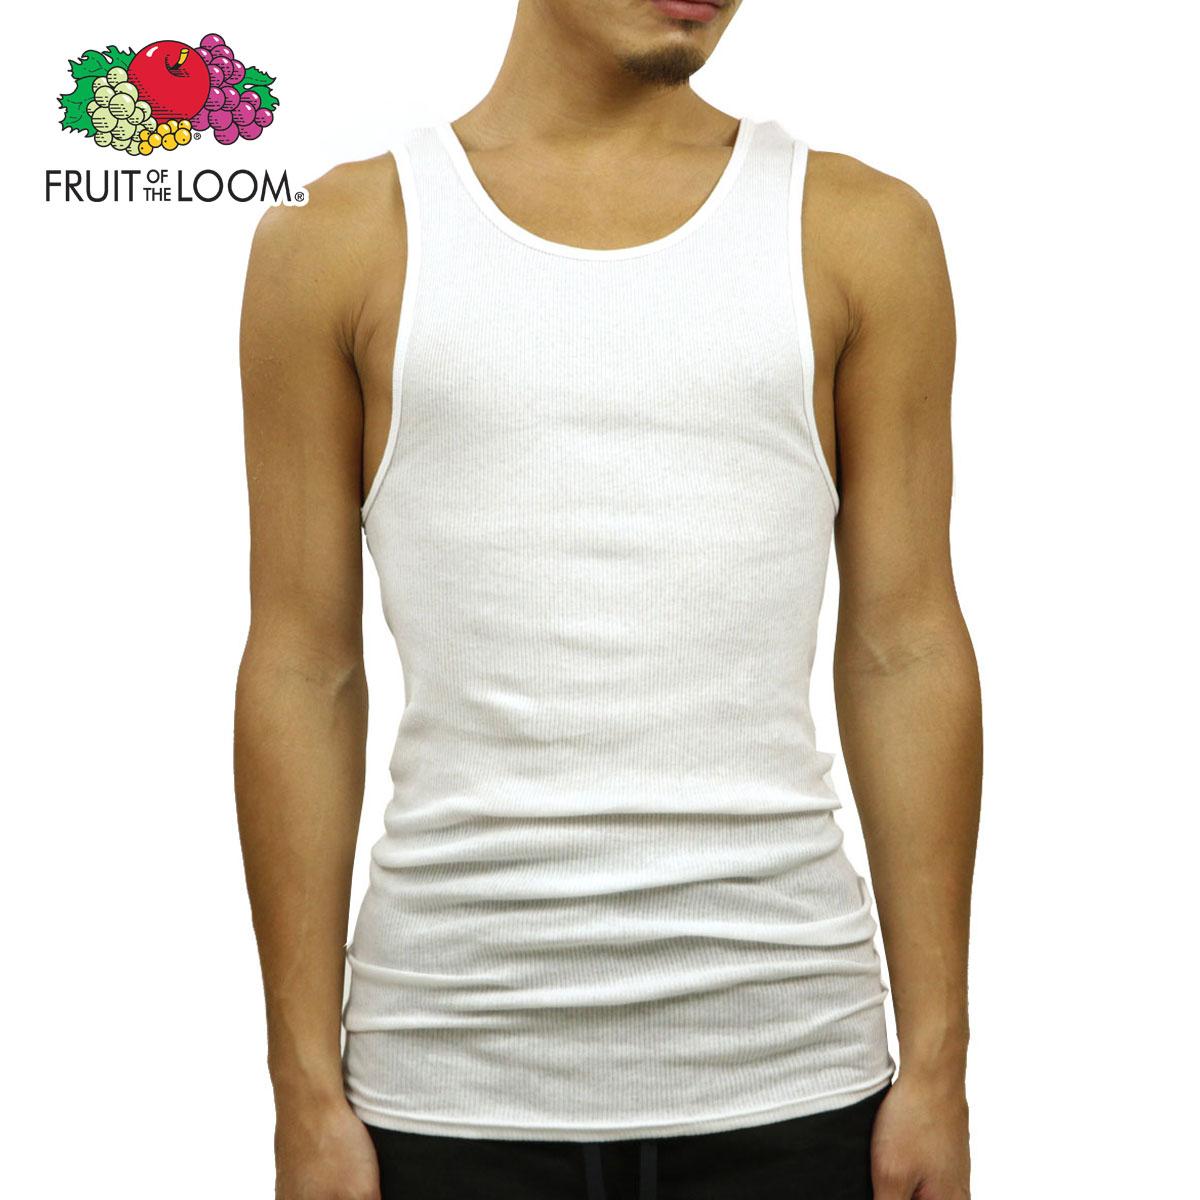 商品合計3980円 税込 以上購入で送料無料 あす楽対応 A42B B1C C7D D3E E01F フルーツオブザルーム タンクトップ メンズ 正規品 Classic Men's THE A-Shirt 下着 アンダーウェア 国内在庫 FRUIT LOOM OF WHITE - Shirts 本物